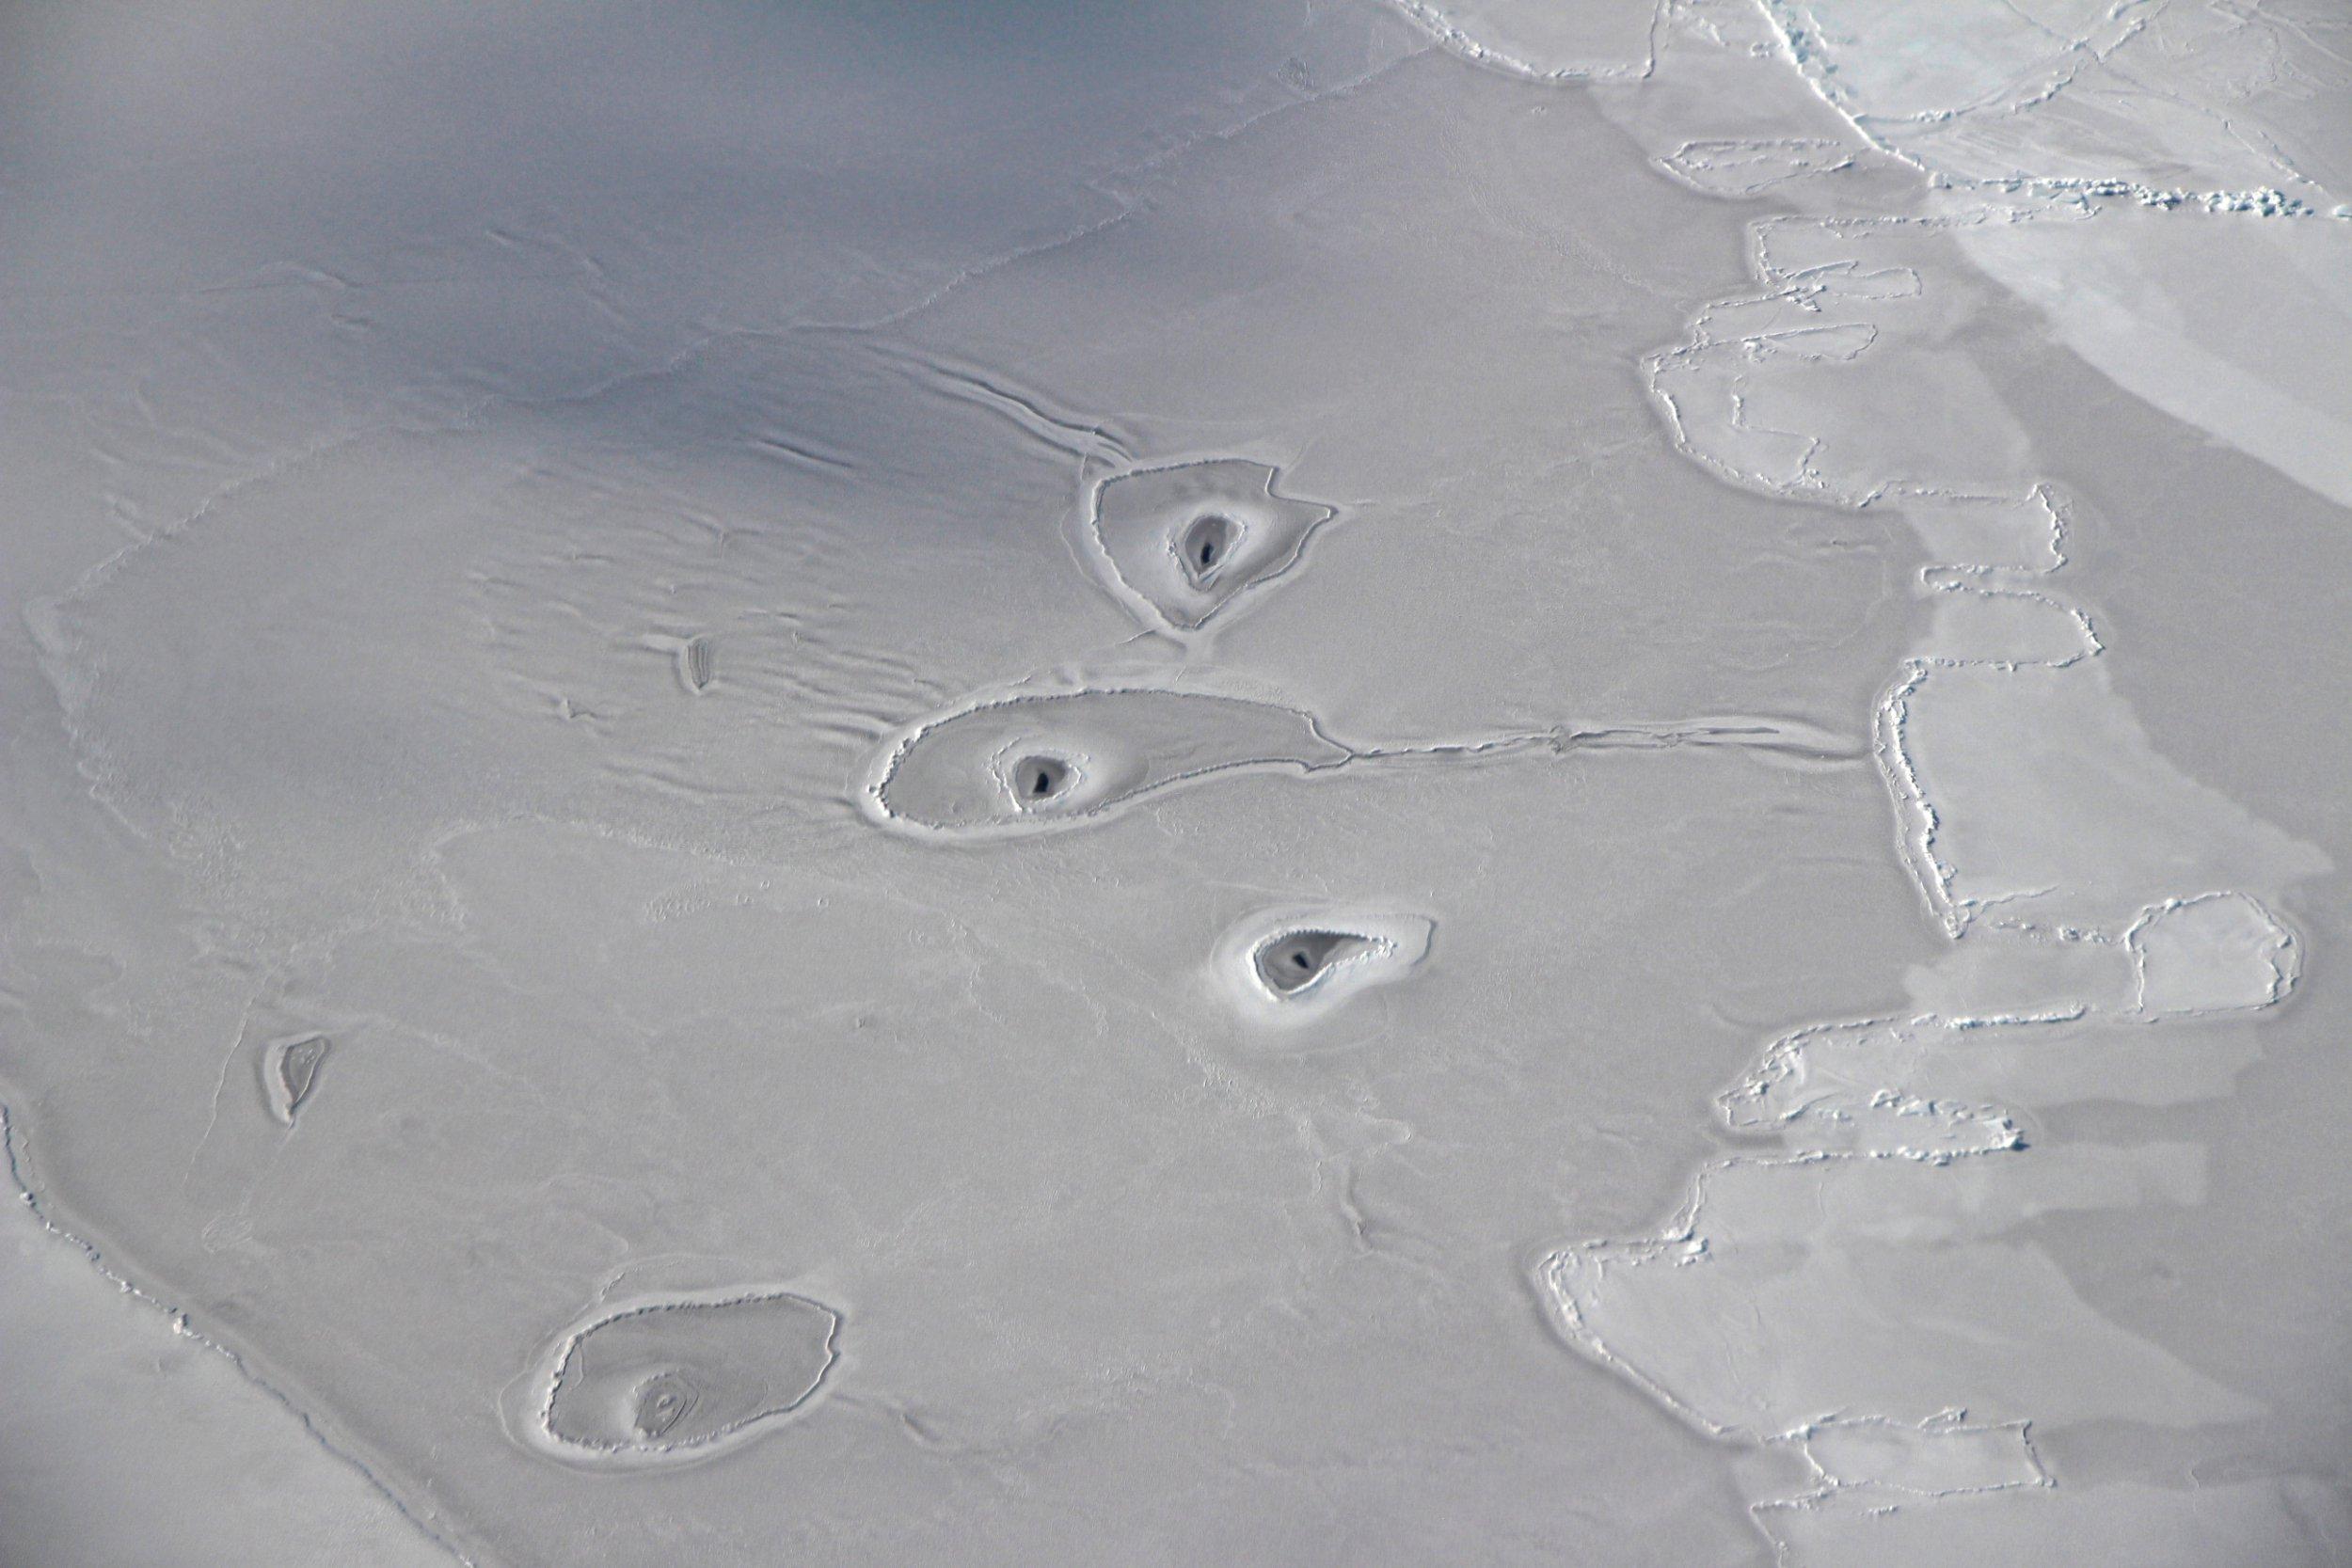 NASA/ John Sonntag/Operation IceBridge